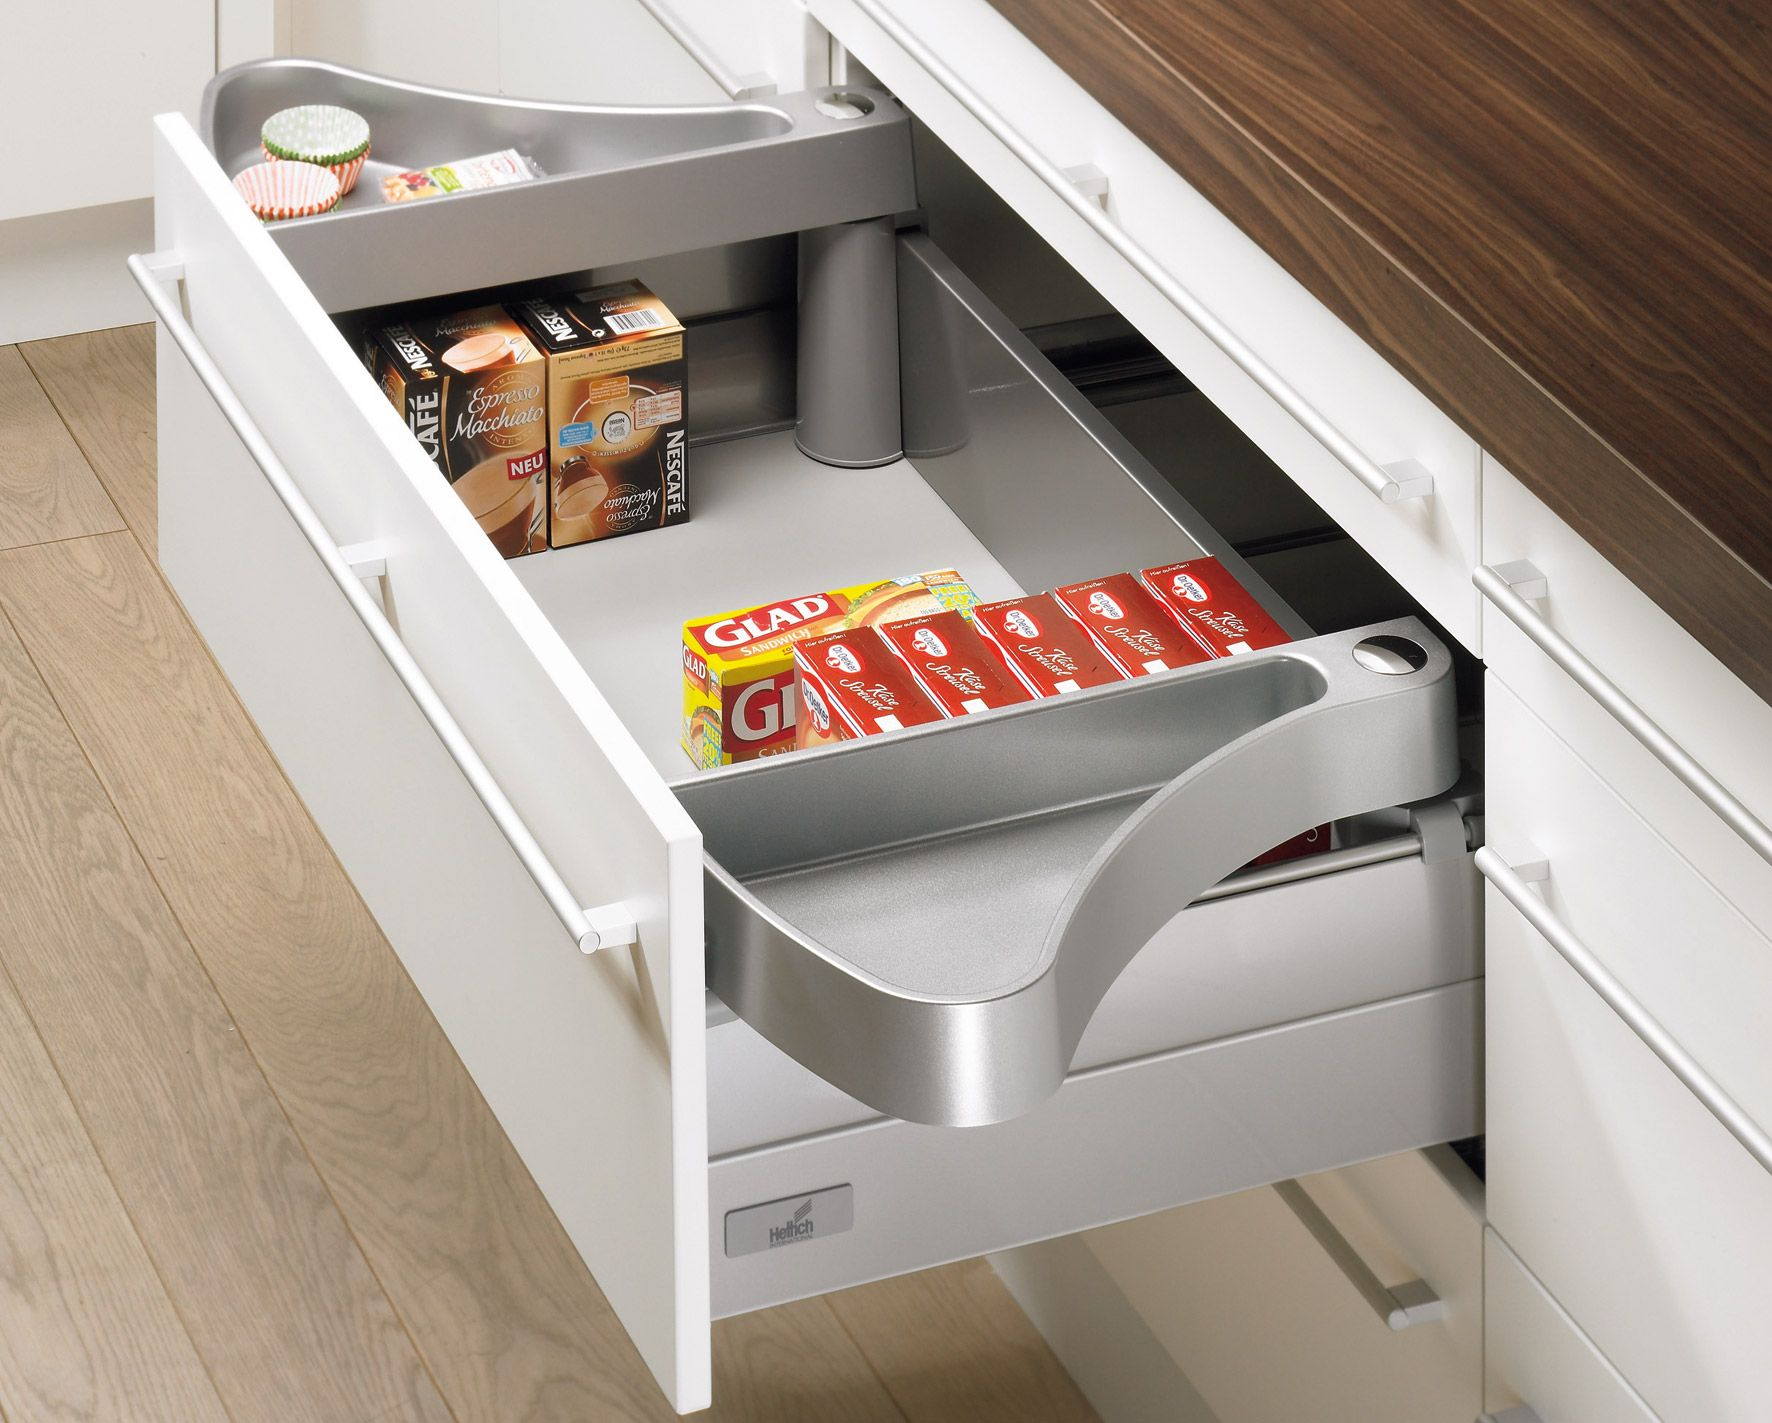 Tiroir Interieur Cuisine Ikea Amenagement Tiroir Cuisine Ikea